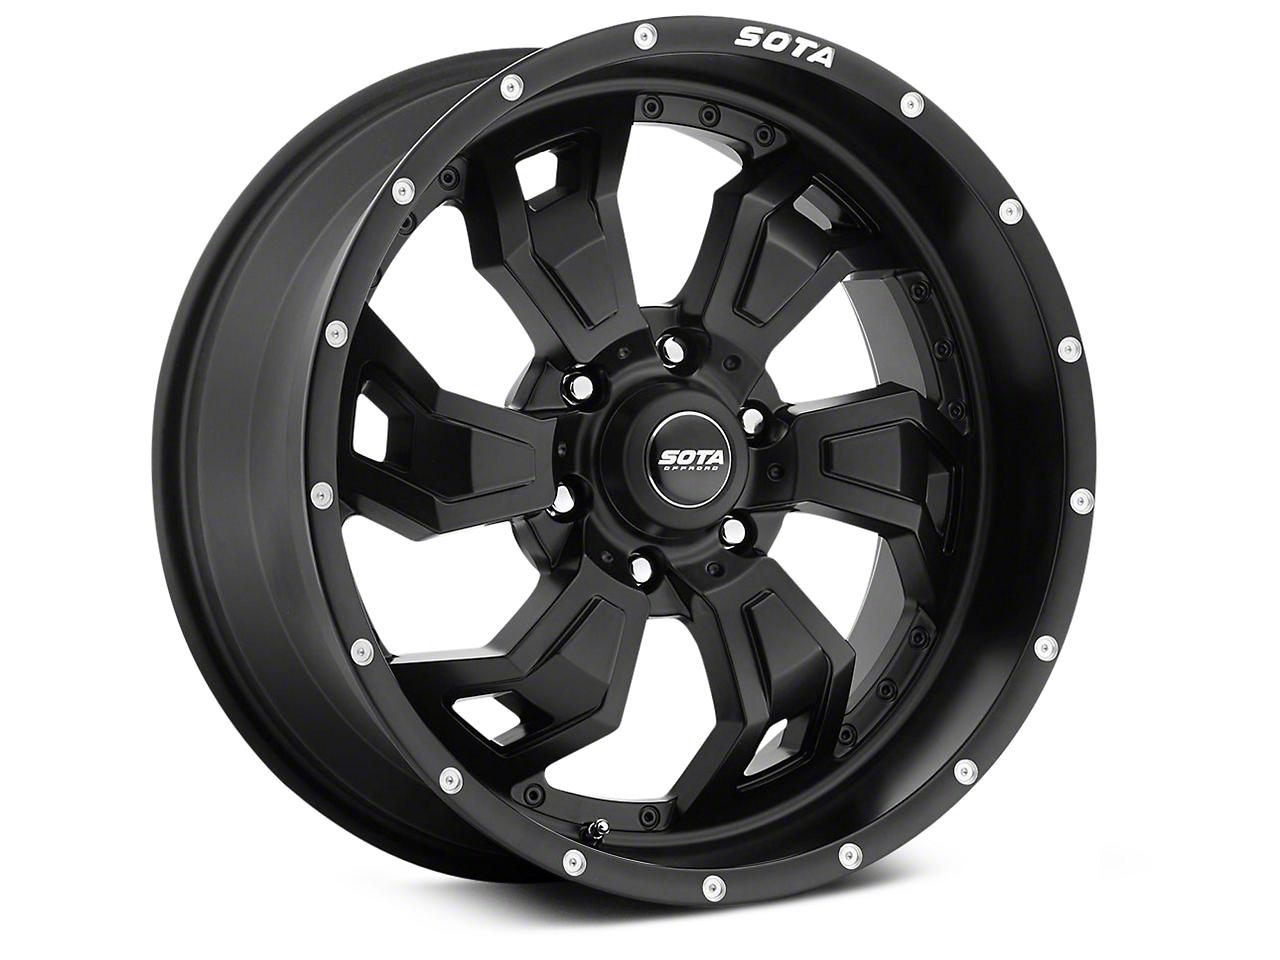 SOTA Off Road SCAR Stealth Black 6-Lug Wheel - 20x9 (07-18 Sierra 1500)